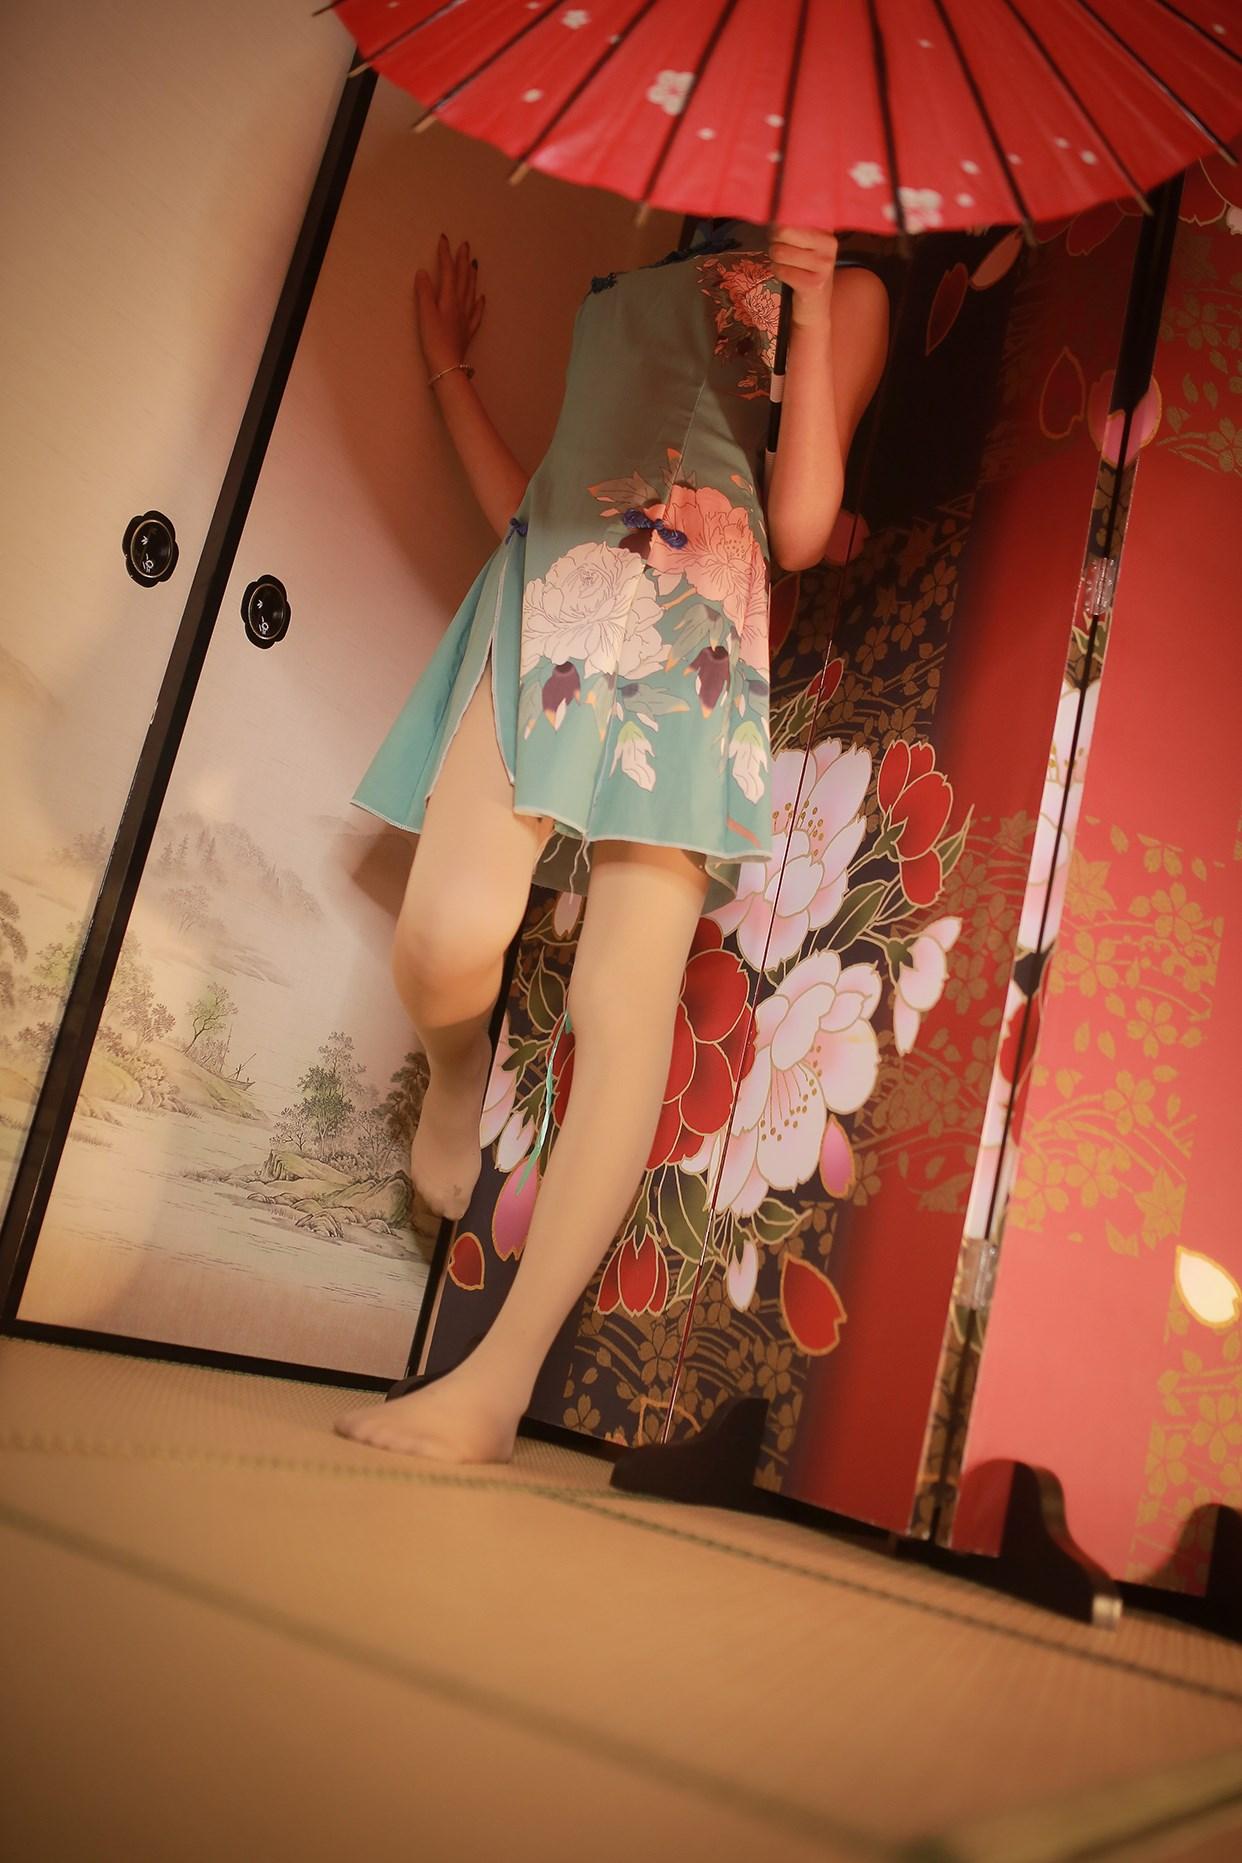 【兔玩映画】伞下的旗袍少女 兔玩映画 第15张